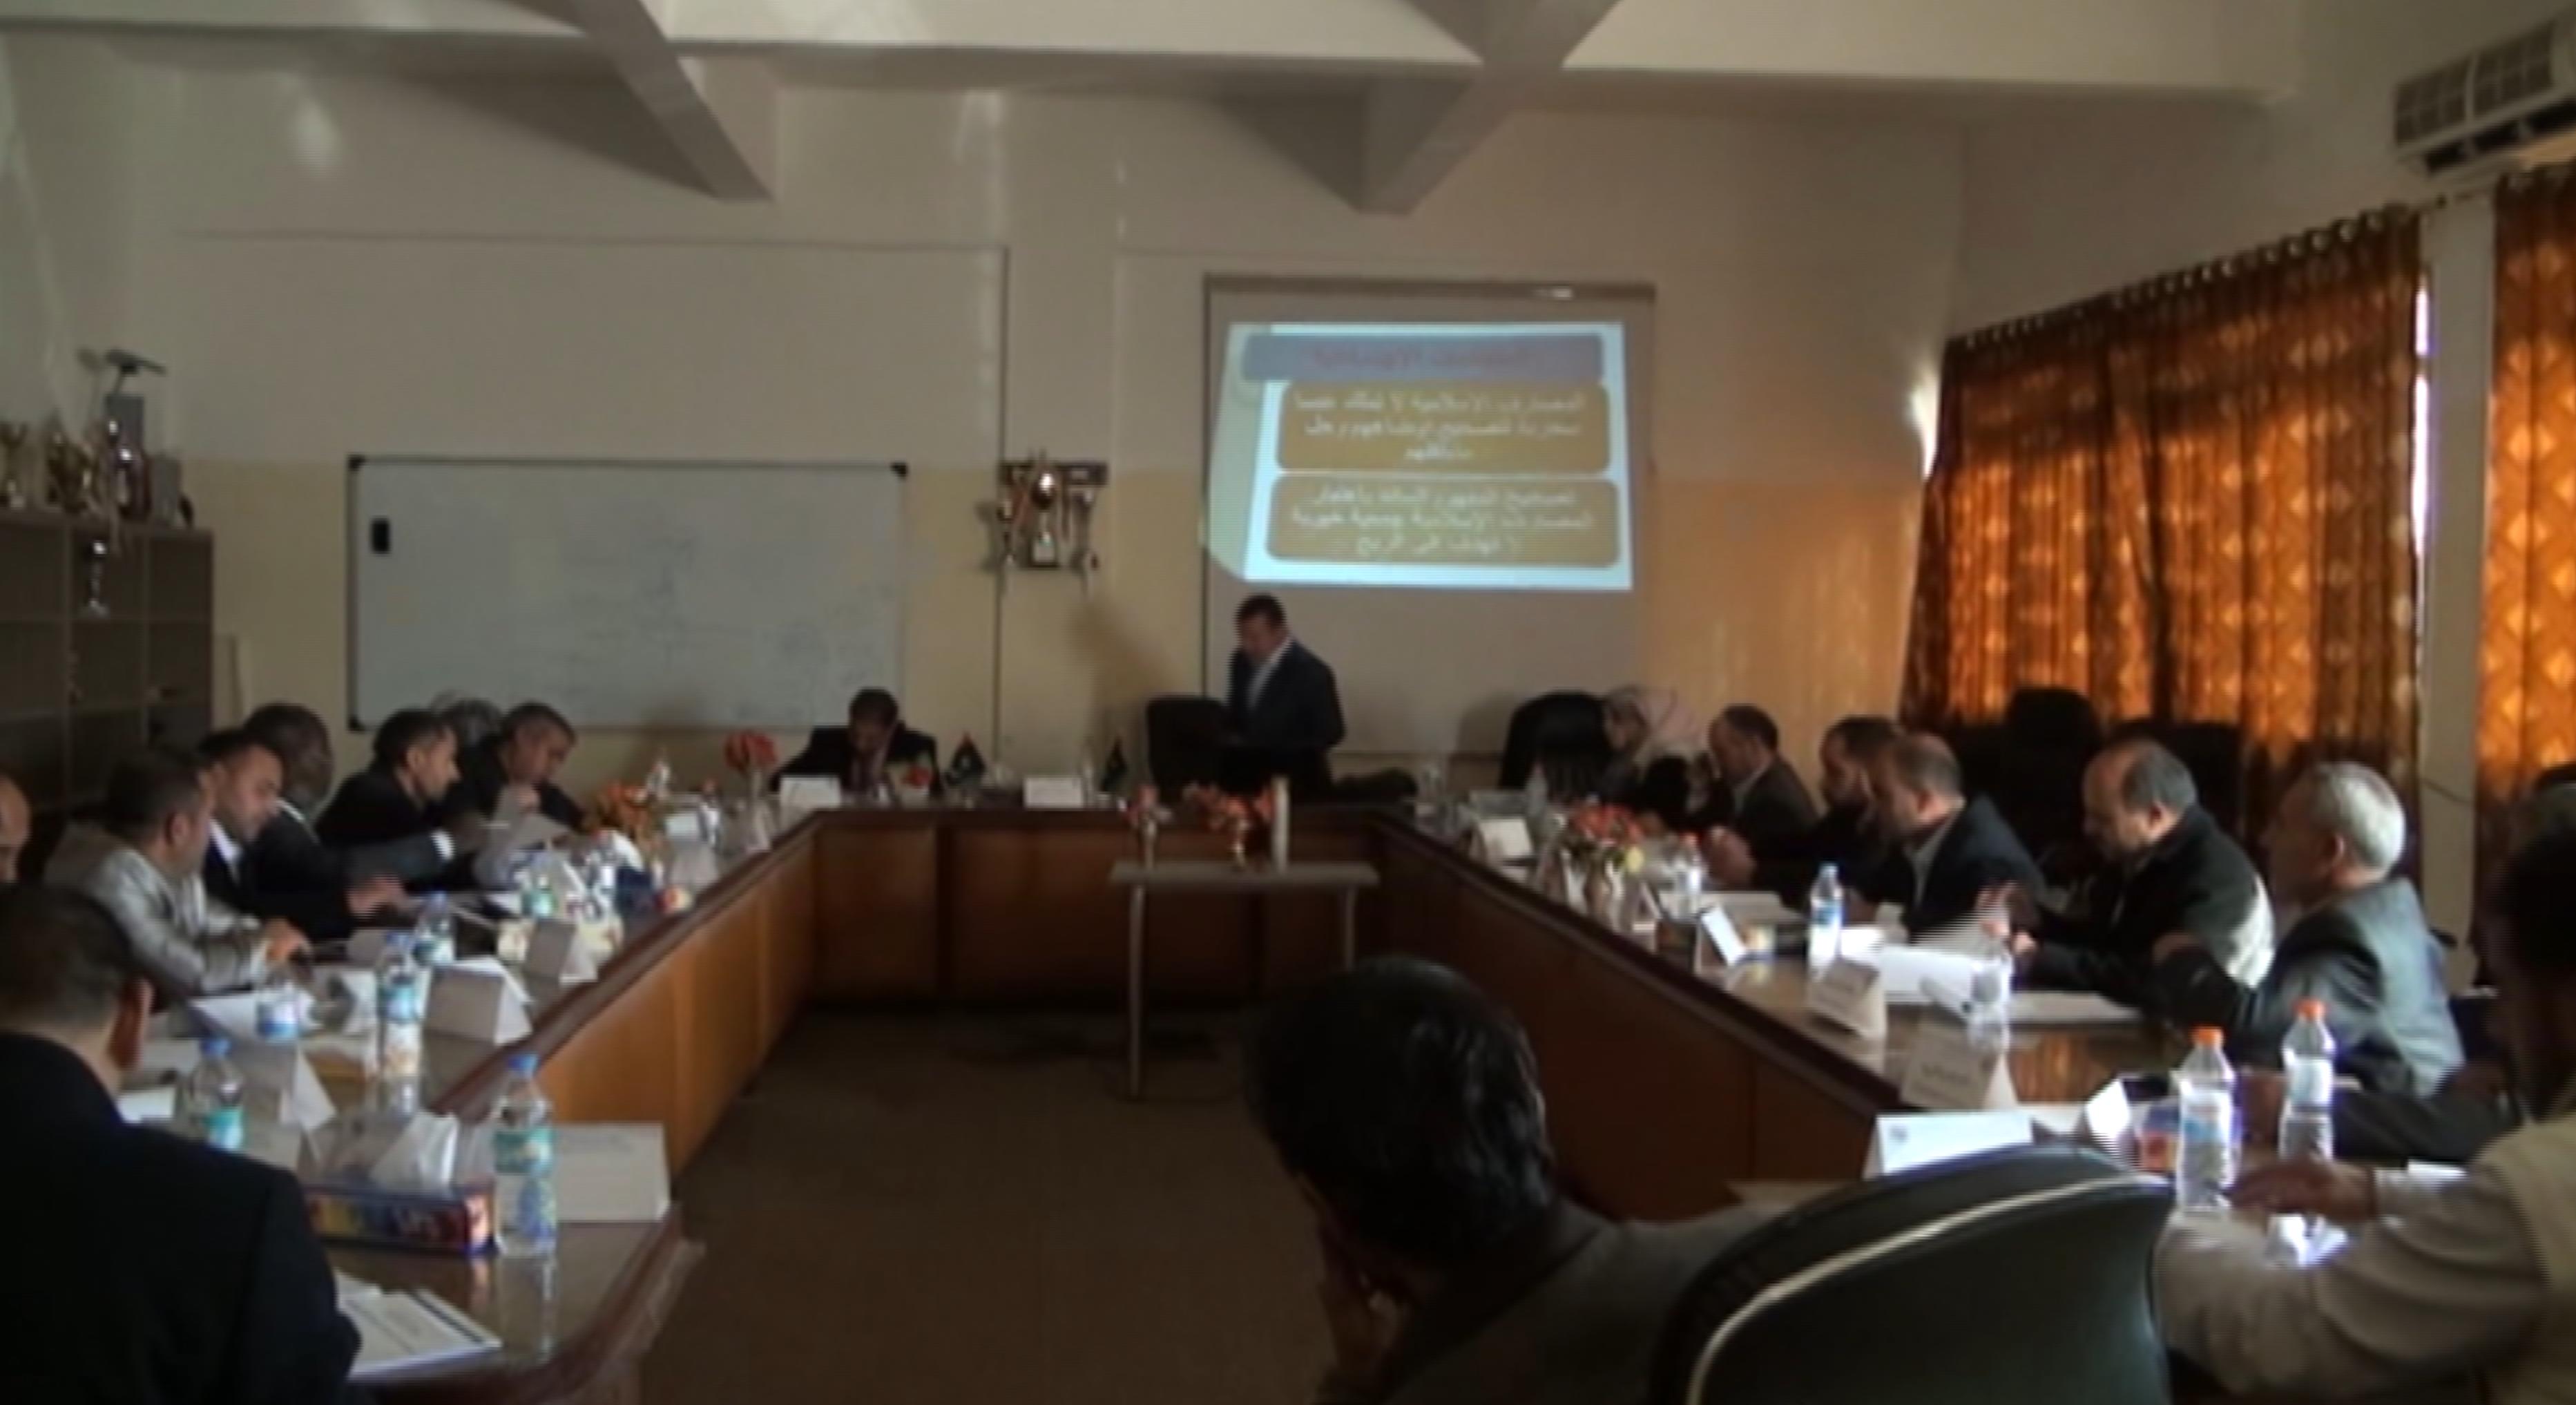 برنامج تدريبي لموظفي مصرف الادخارفيرقدالين